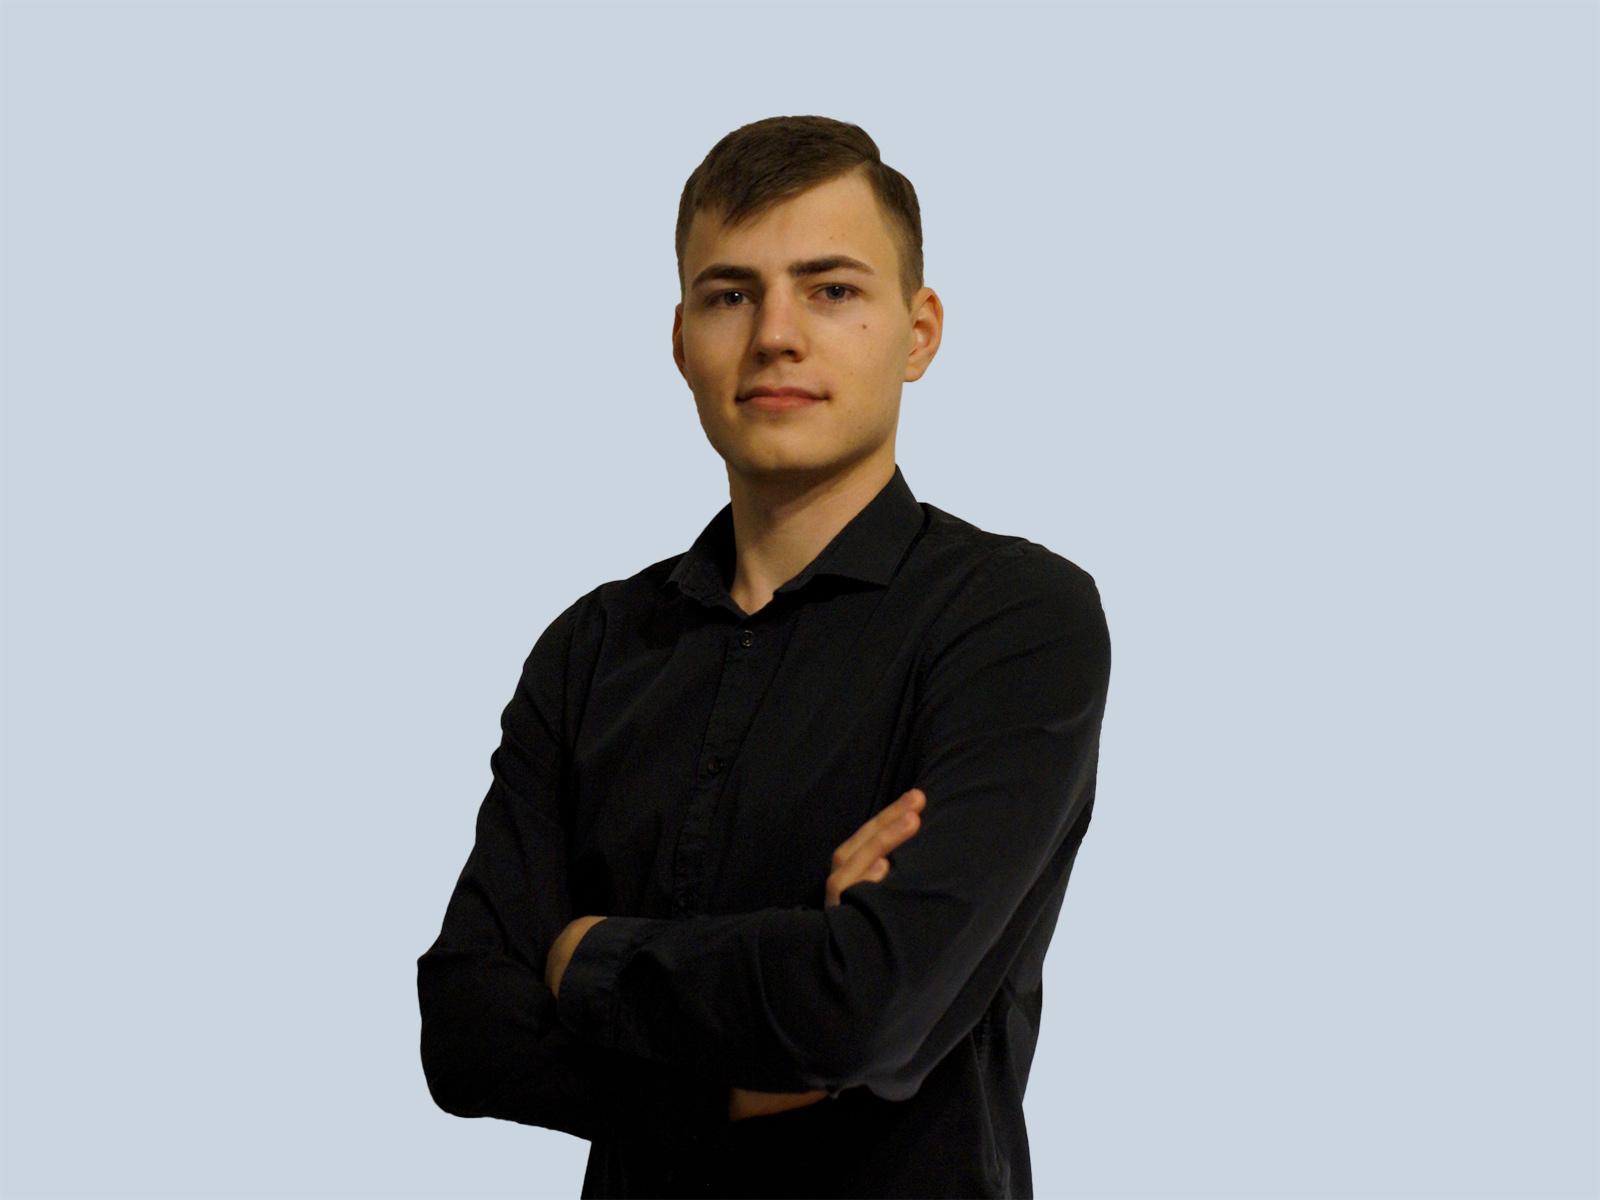 Денис Силантьев. Руководитель IT-проектов Volkswagen и Skoda